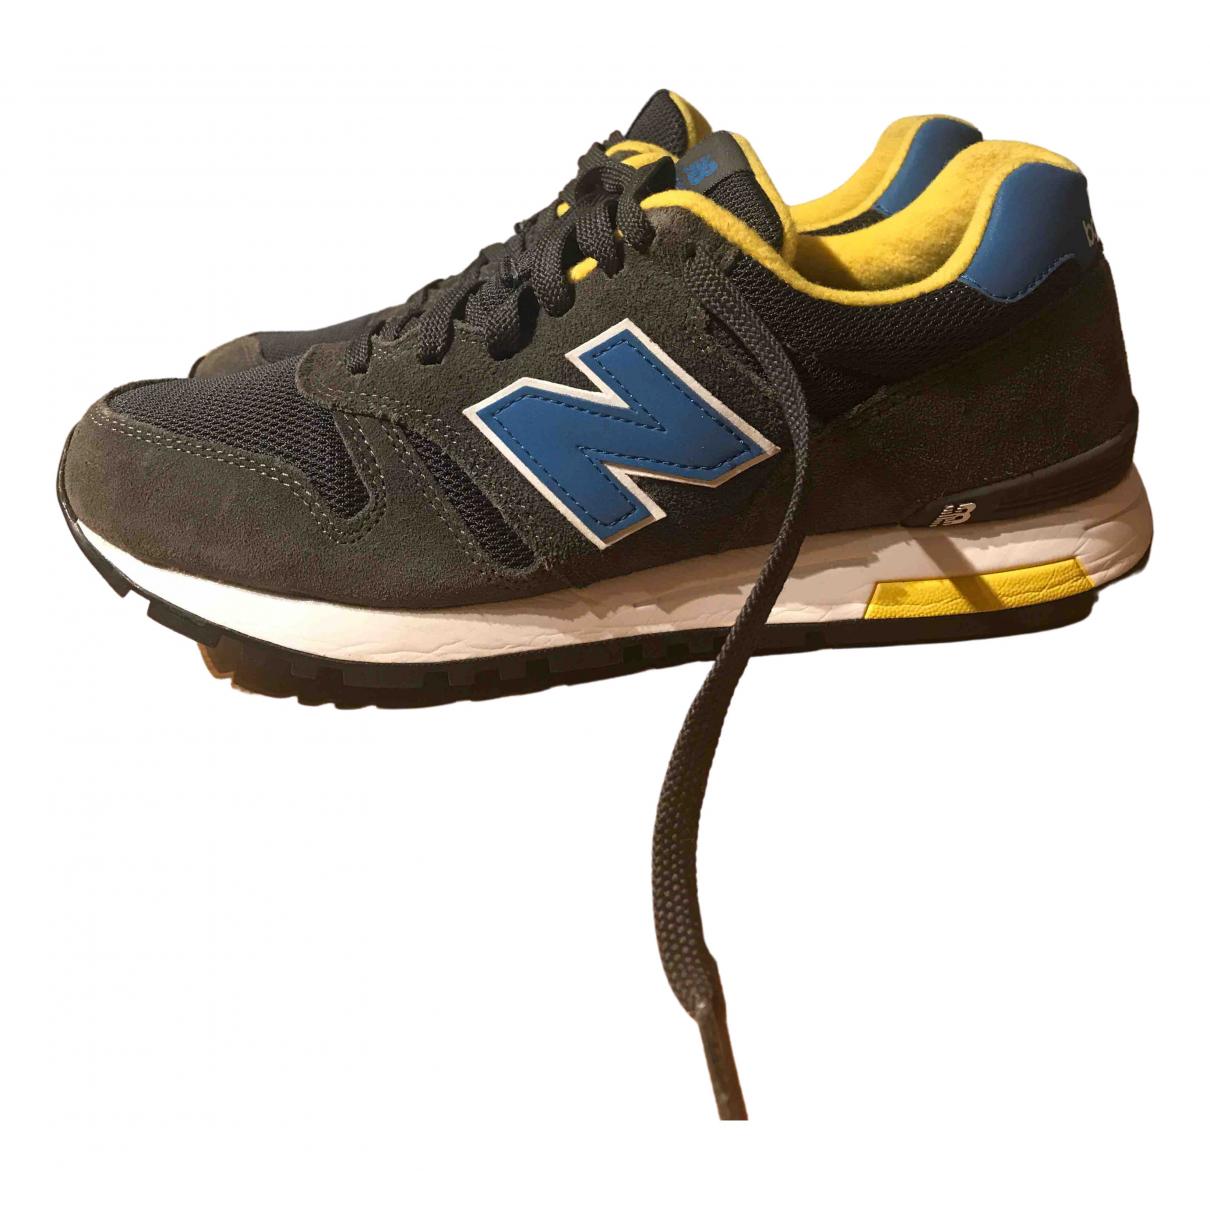 New Balance - Baskets   pour homme en cuir - anthracite